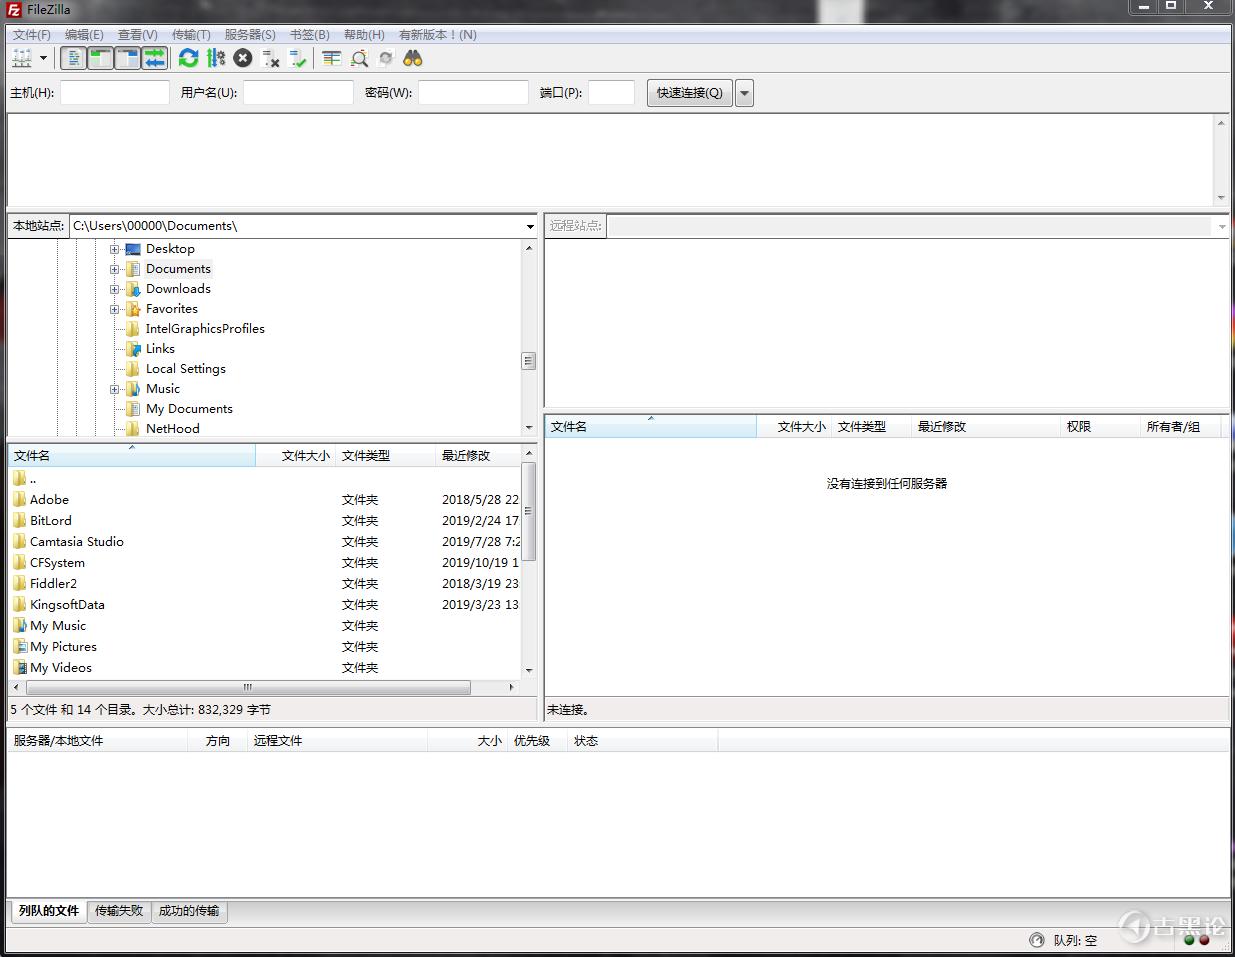 开源免费的 FTP 软件——FileZilla 免费ftp软件-FileZilla.png